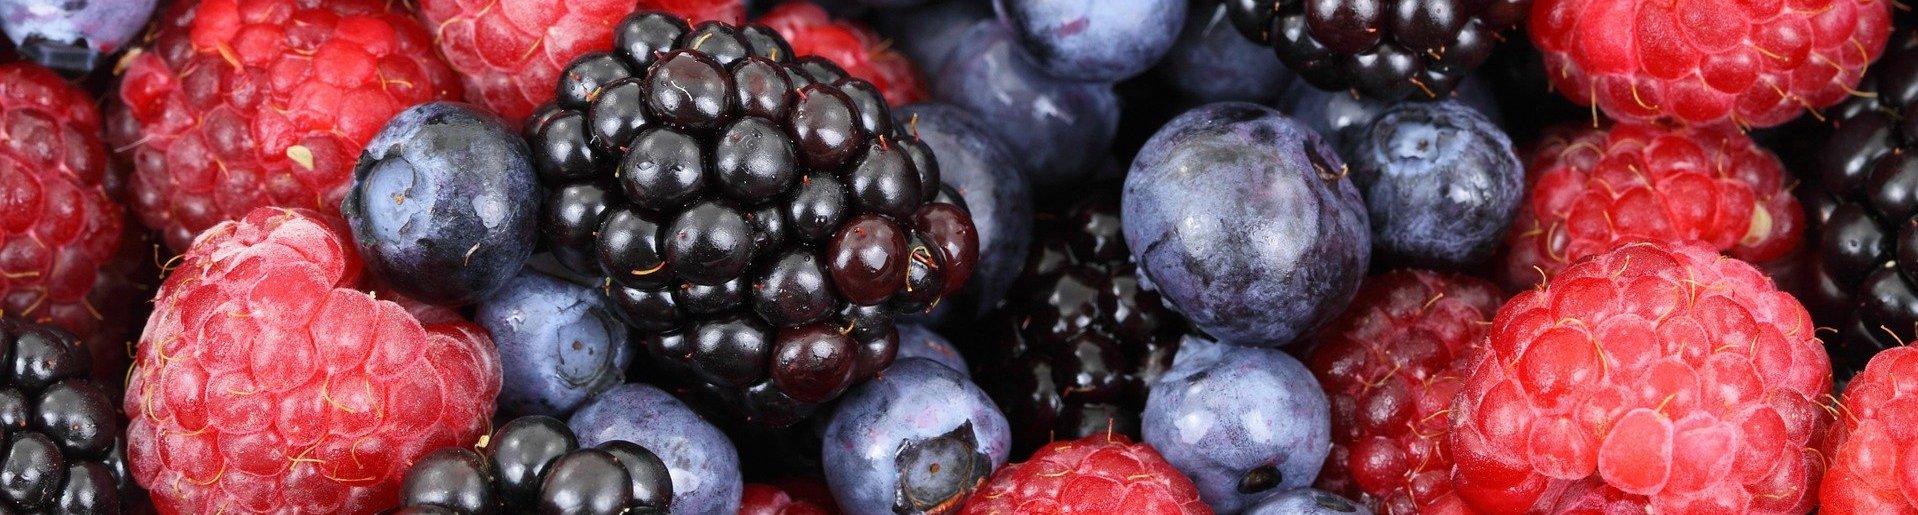 Vitamine für die Haut damit man keine Mangelerscheinungen hat